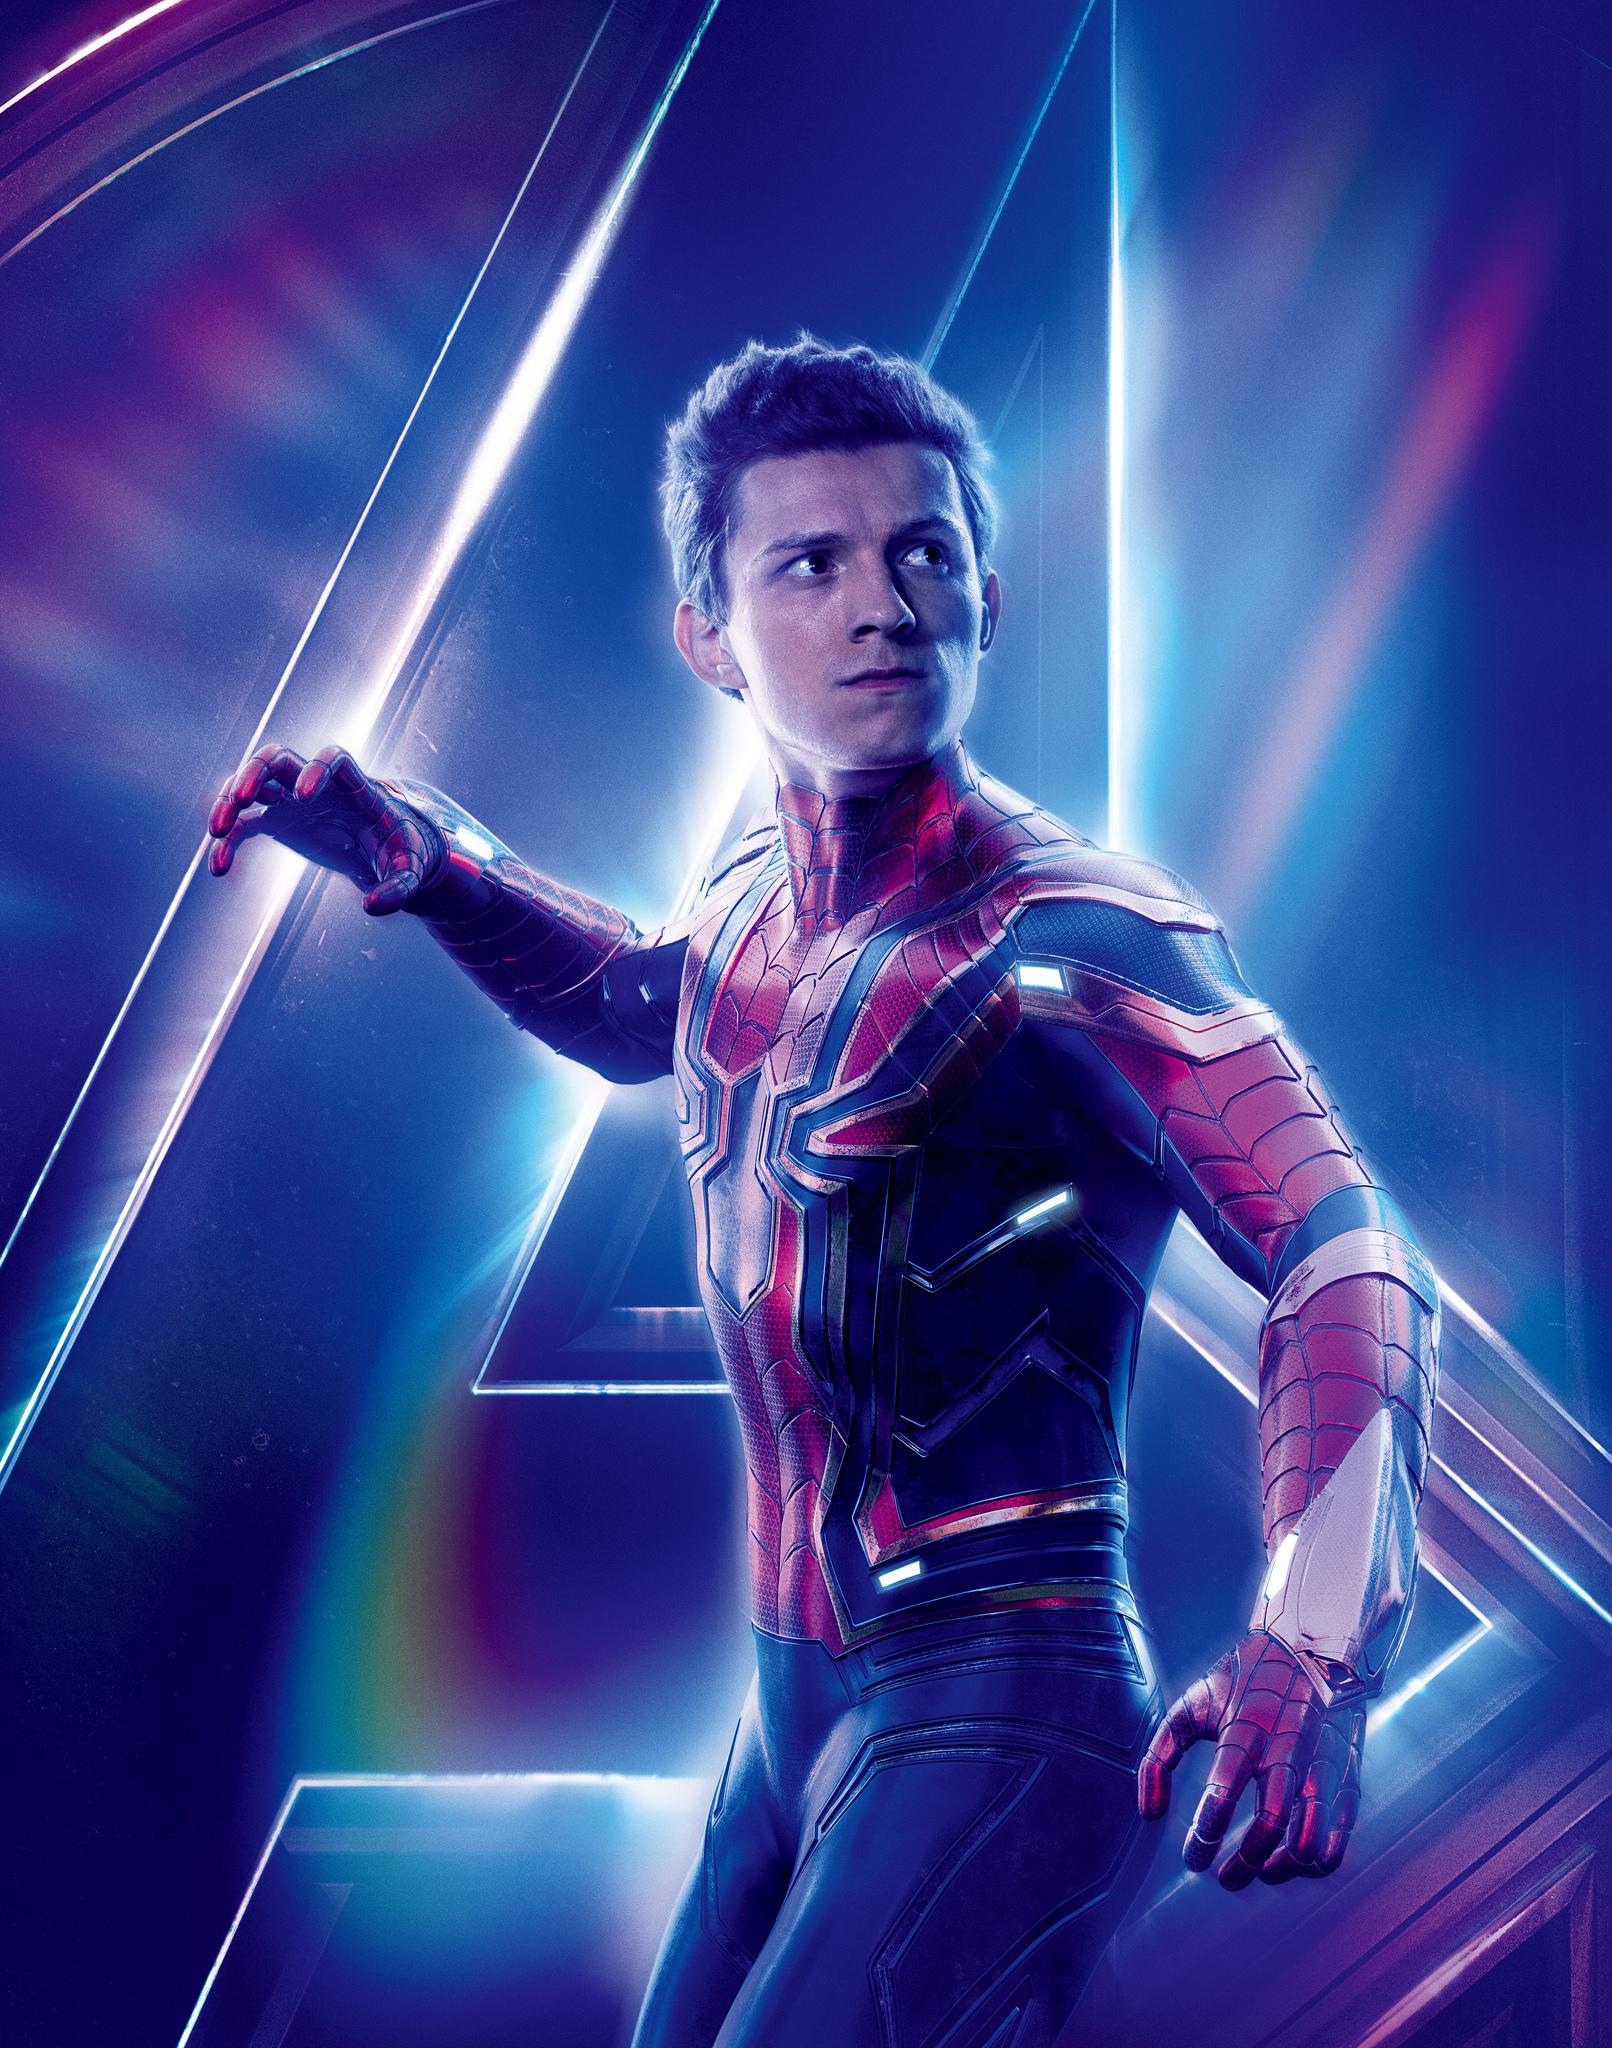 spider-man (tom holland) | spider-man films wiki | fandom powered